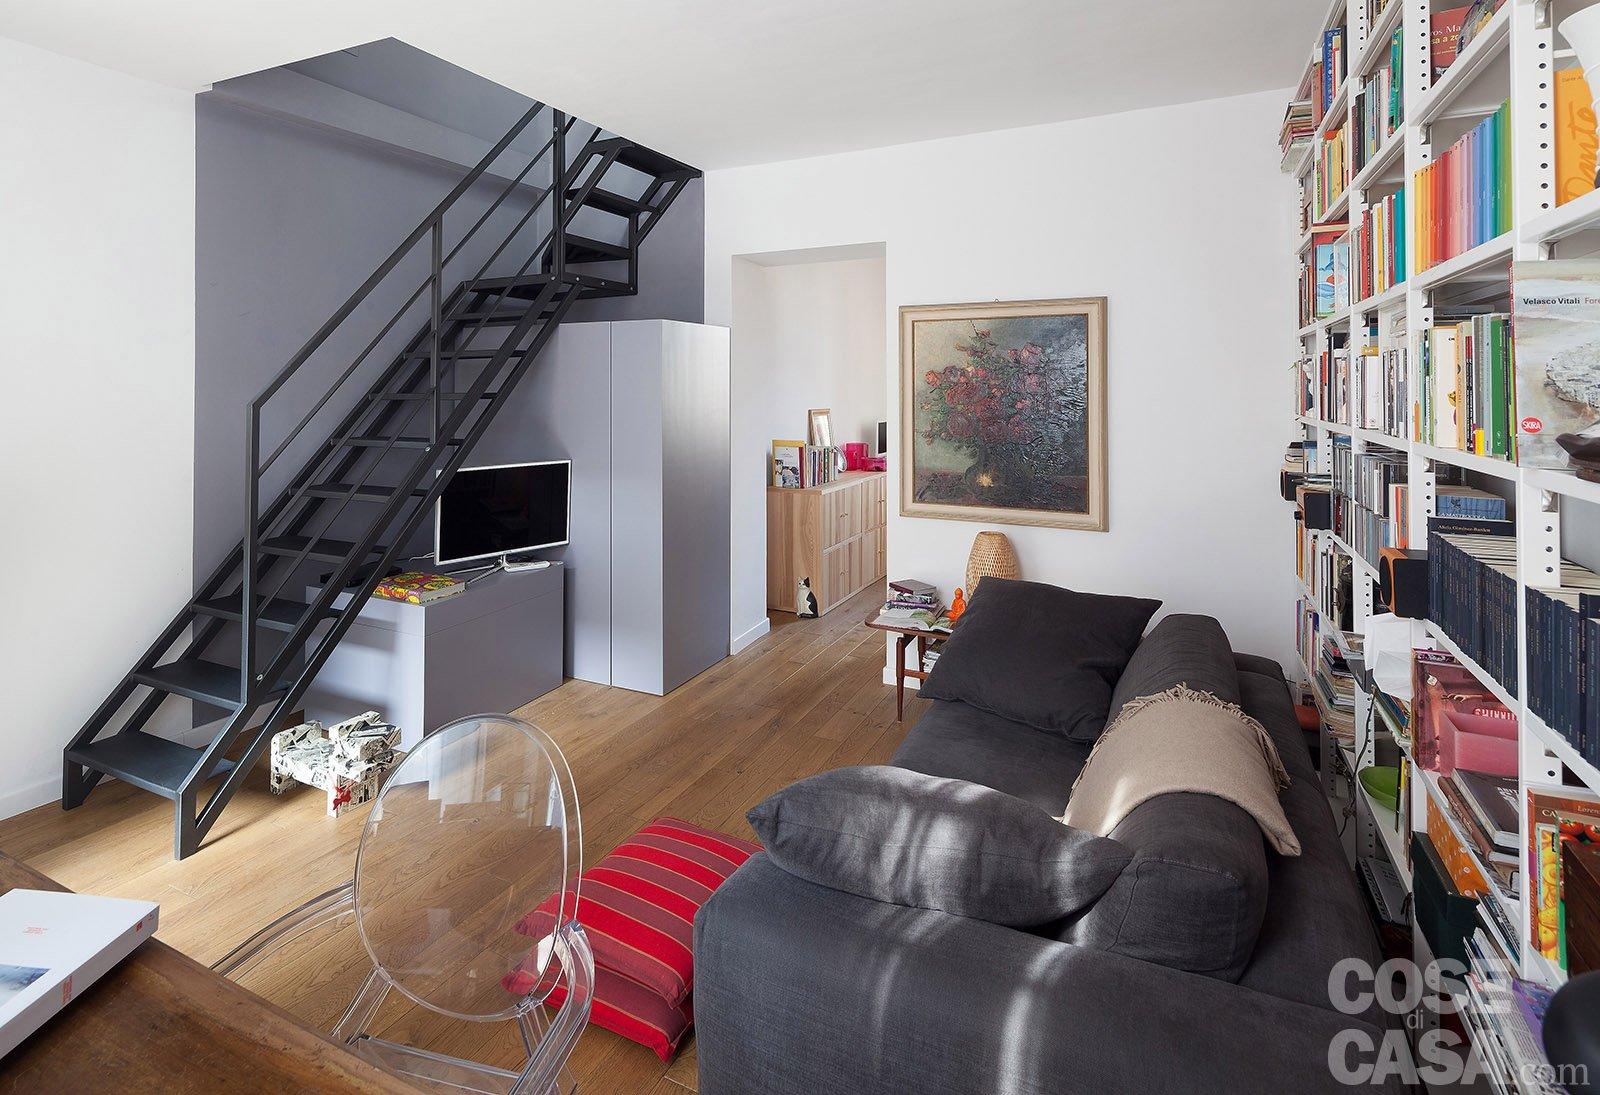 58 mq trasformati con mini interventi cose di casa for Cosa mettere dietro il divano